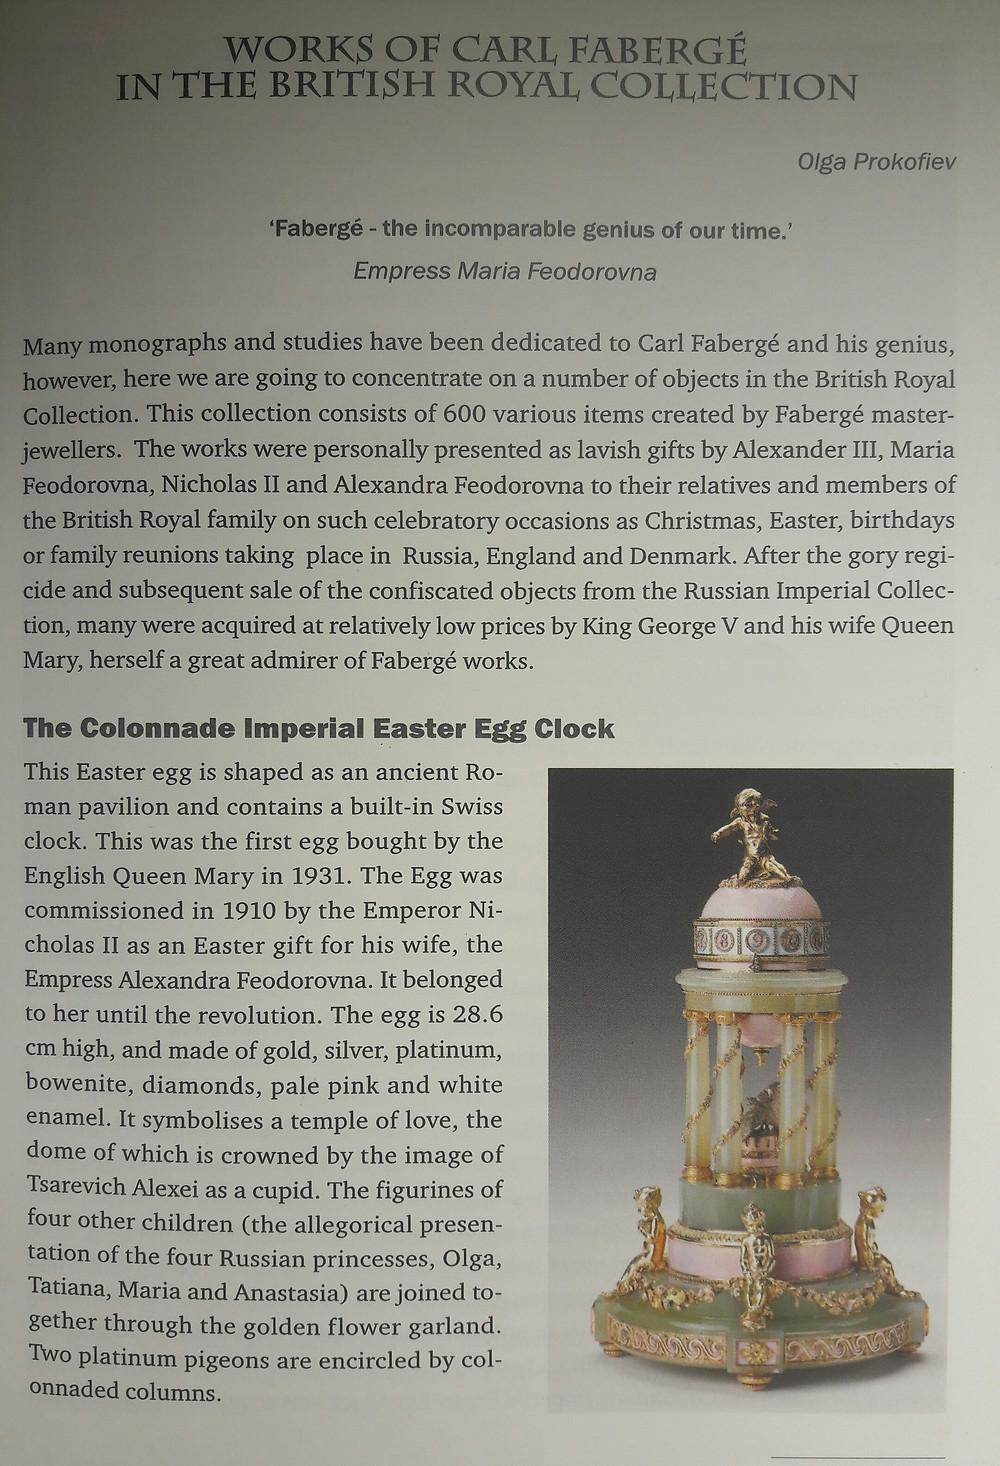 Изделия Карла Фаберже в Британской Королевской коллекции